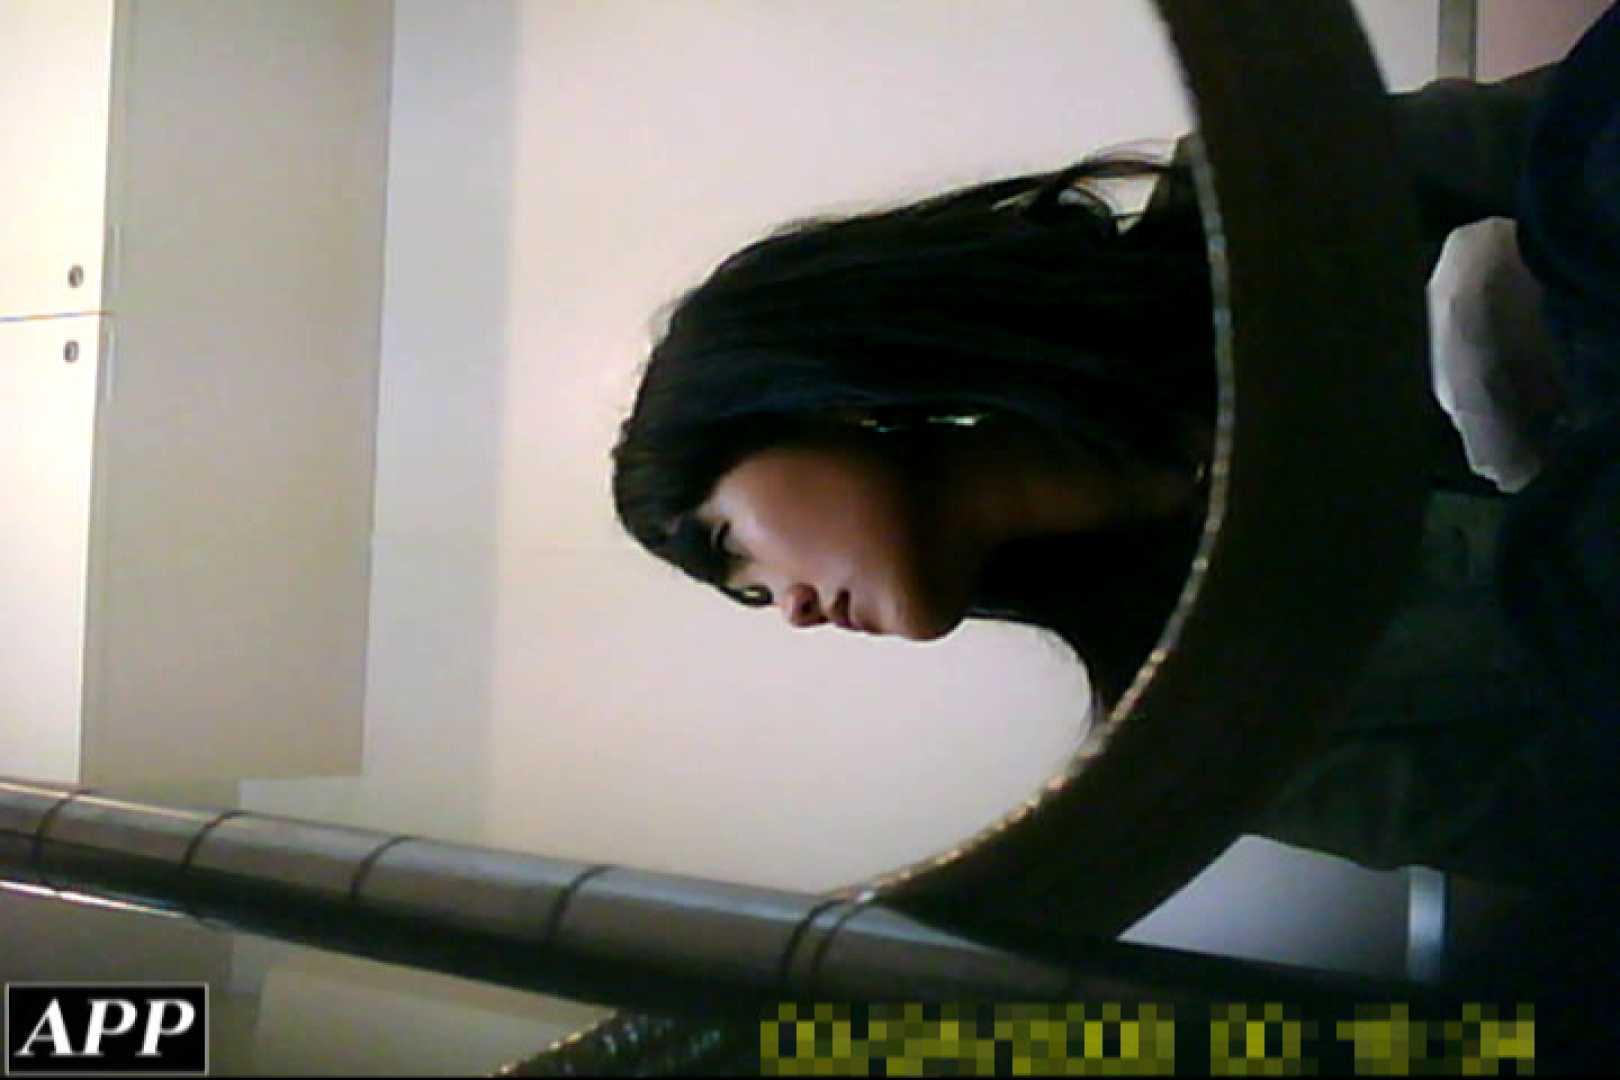 3視点洗面所 vol.03 OLの実態 盗み撮りAV無料動画キャプチャ 102pic 62